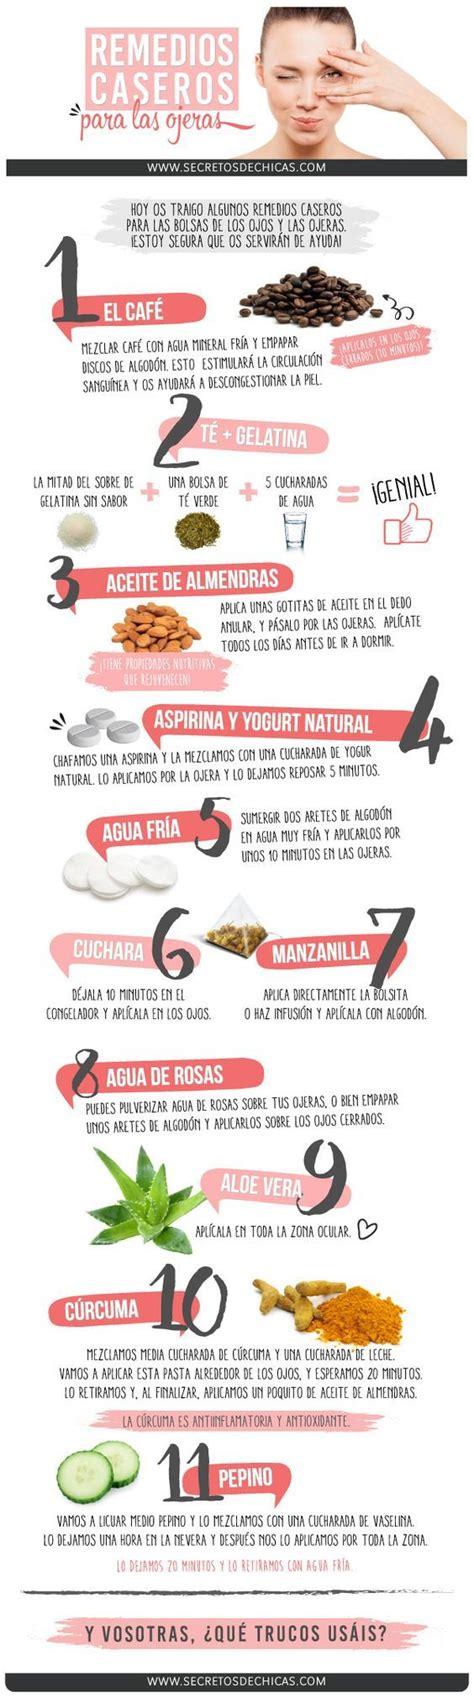 alimentos para las ojeras remedios naturales para las ojeras consejos para eliminar